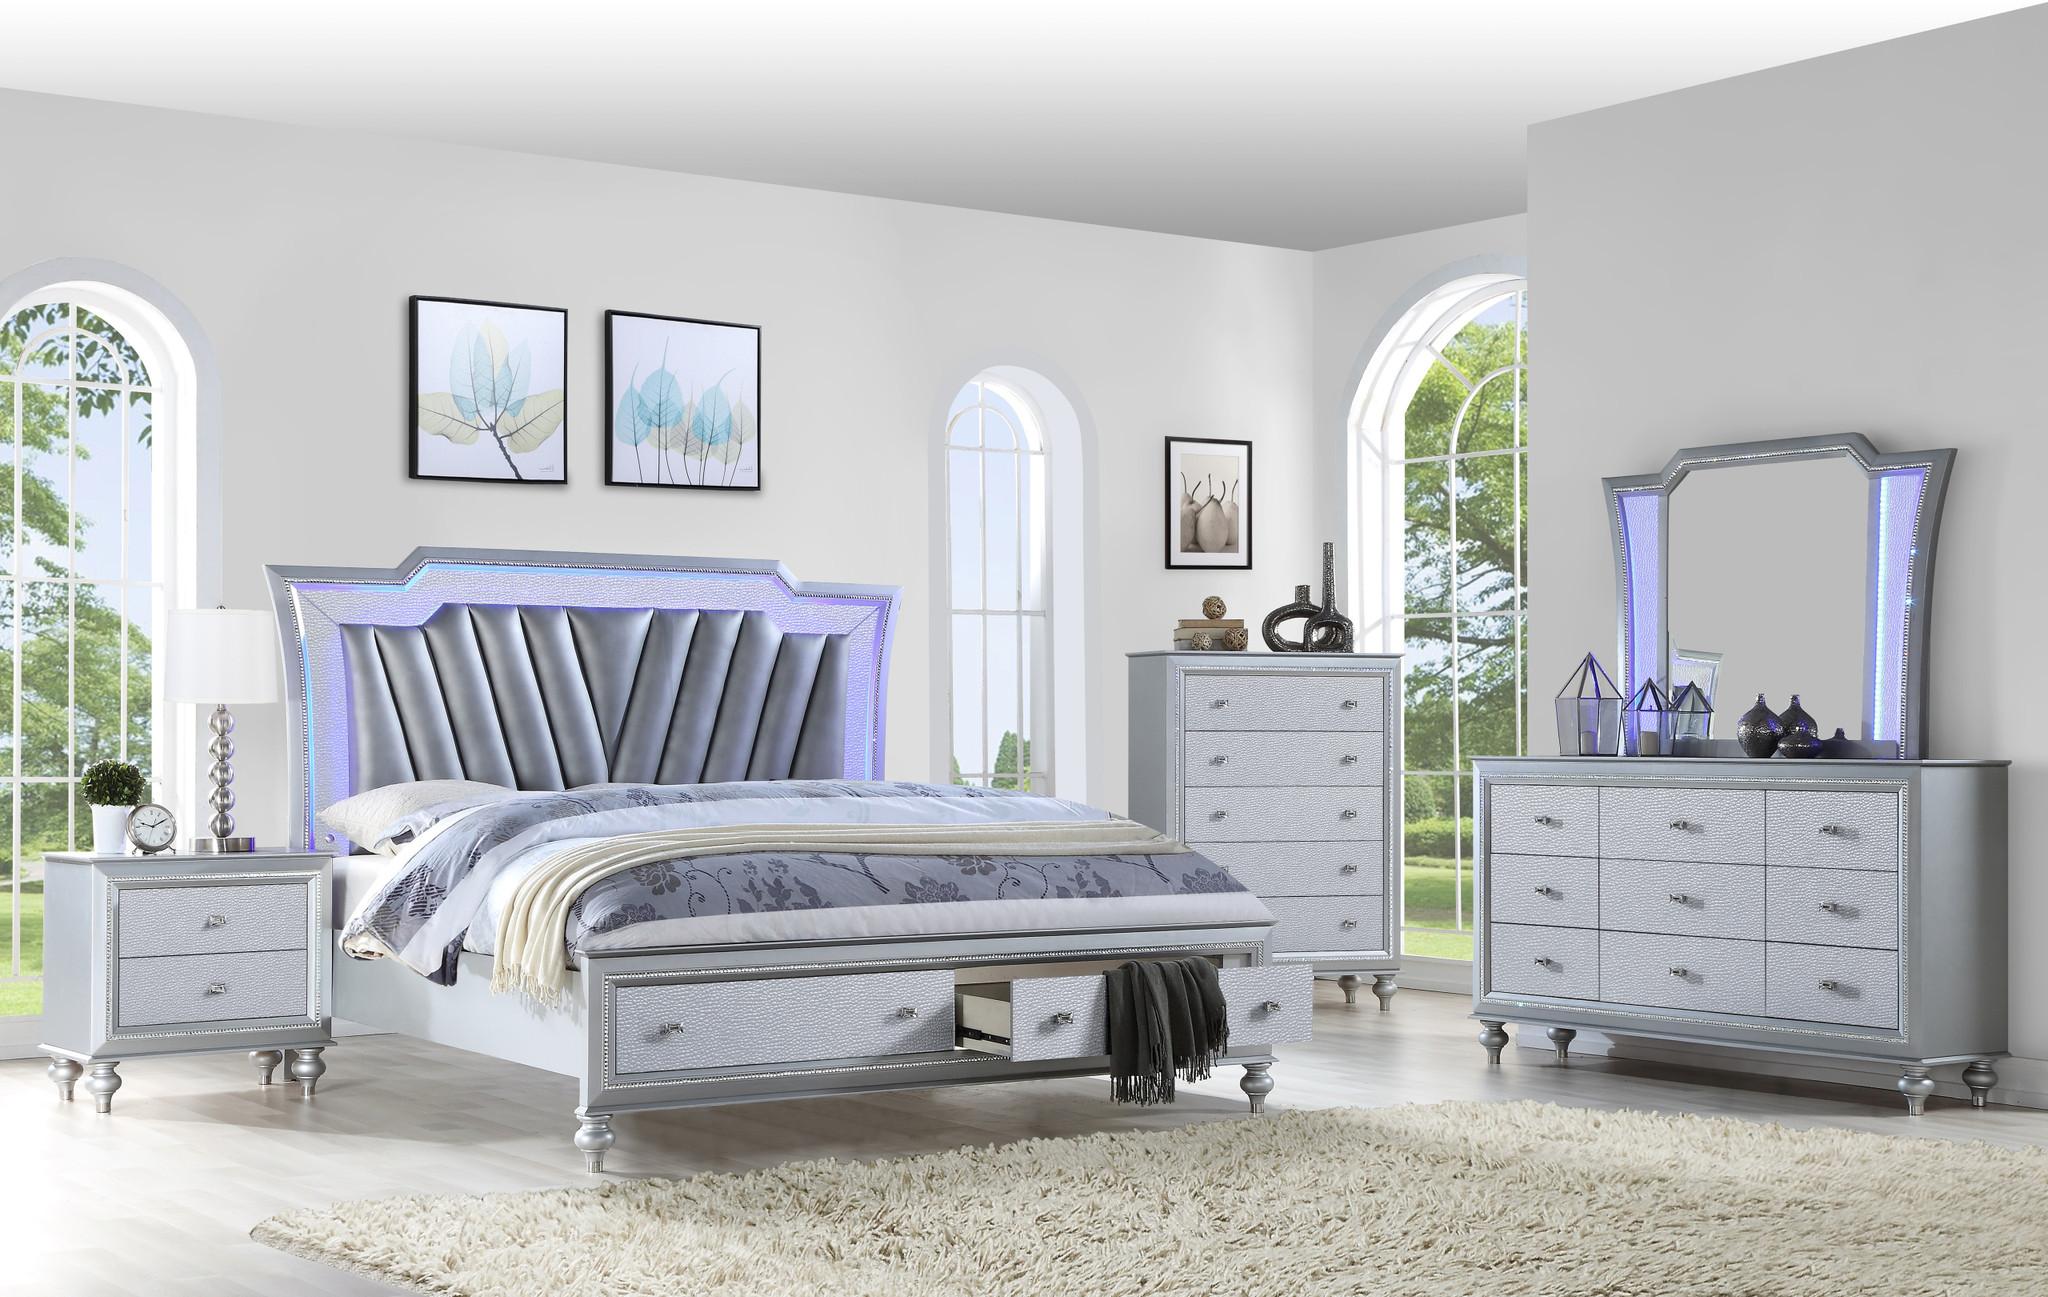 Star Collection 7 Pcs Complete Bedroom Set Modern Silver Color Led Lighting Platform Bed Kassa Mall Home Furniture